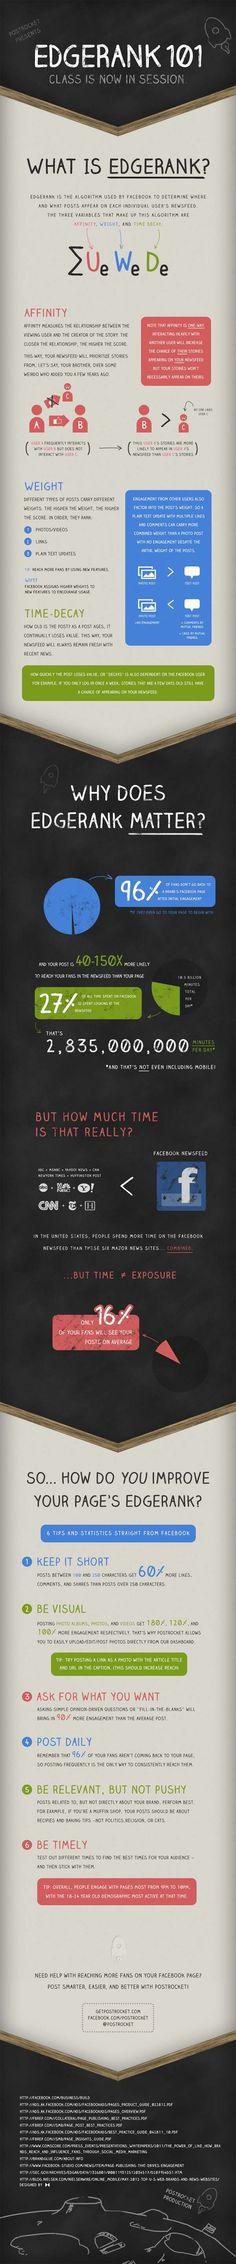 ¿Qué es Edgerank?. Lo explicamos en una infografía.   - El Edgerank es el factor que afecta a la visibilidad de los textos, enlaces, fotos y vídeos que publicamos en Facebook.